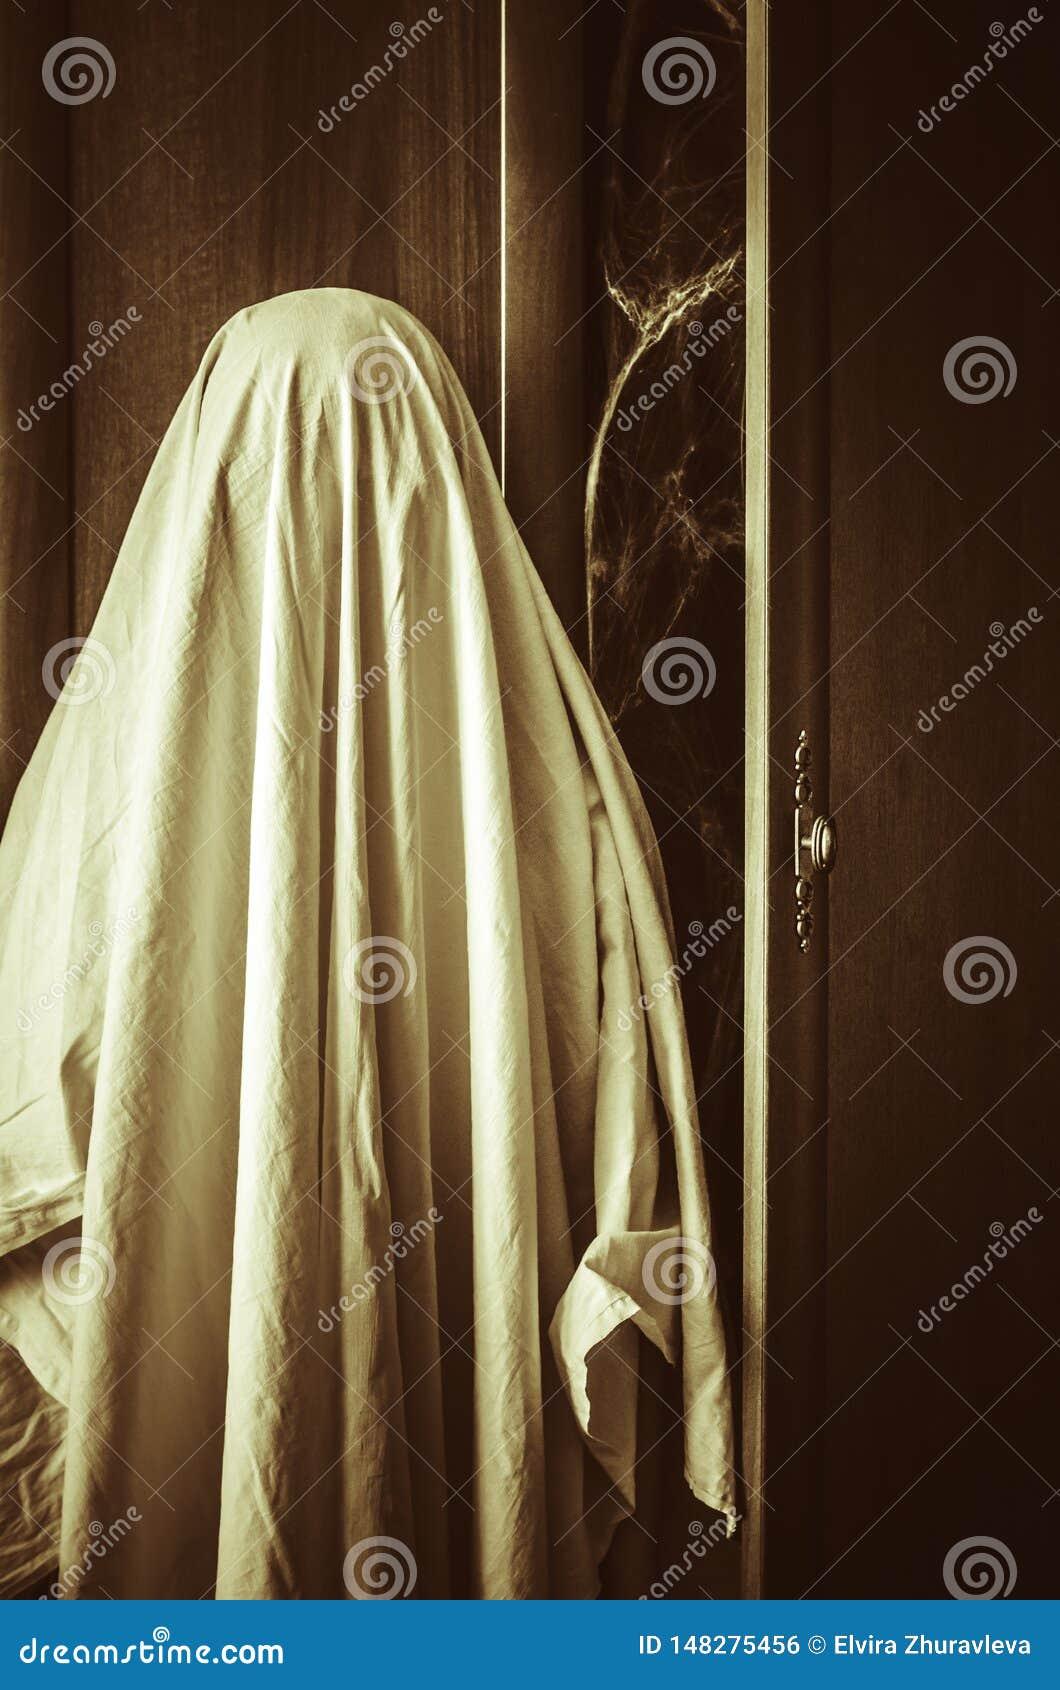 Geist nahe gruseliger Garderobe mit spiderweb nach innen